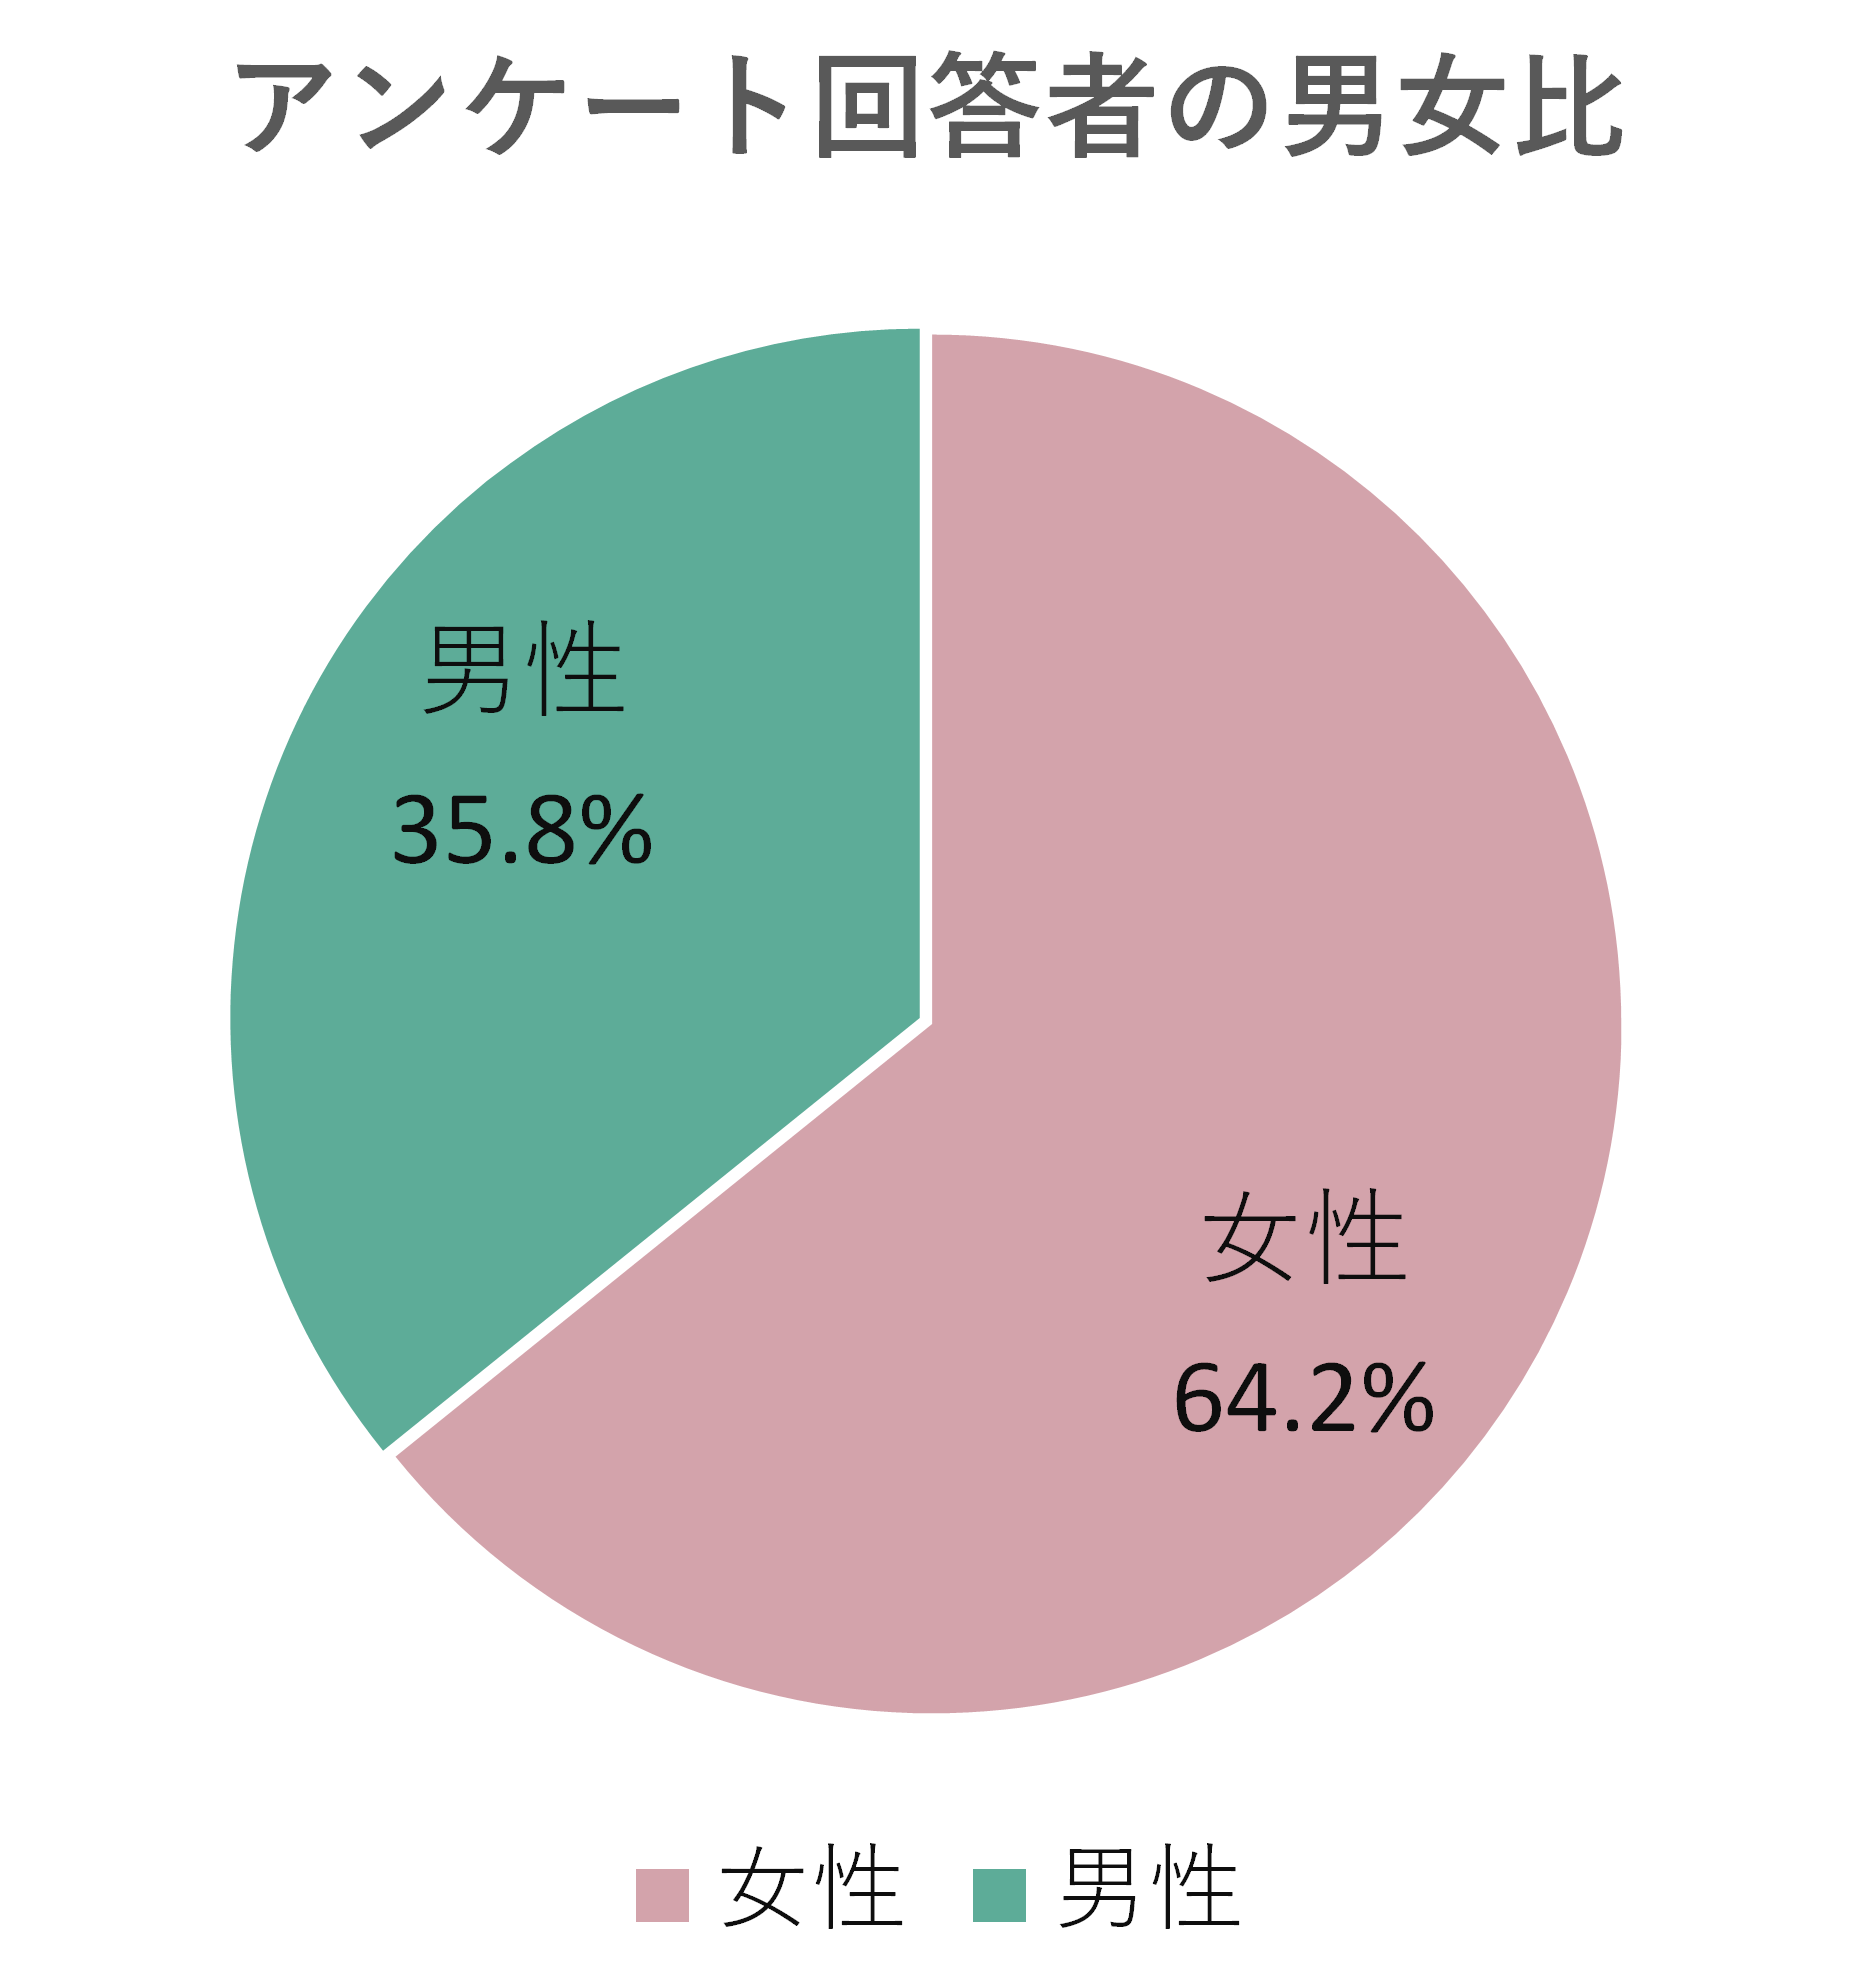 ゴキラボ1000人アンケート回答者の男女比は女性64.2%男性35.8%